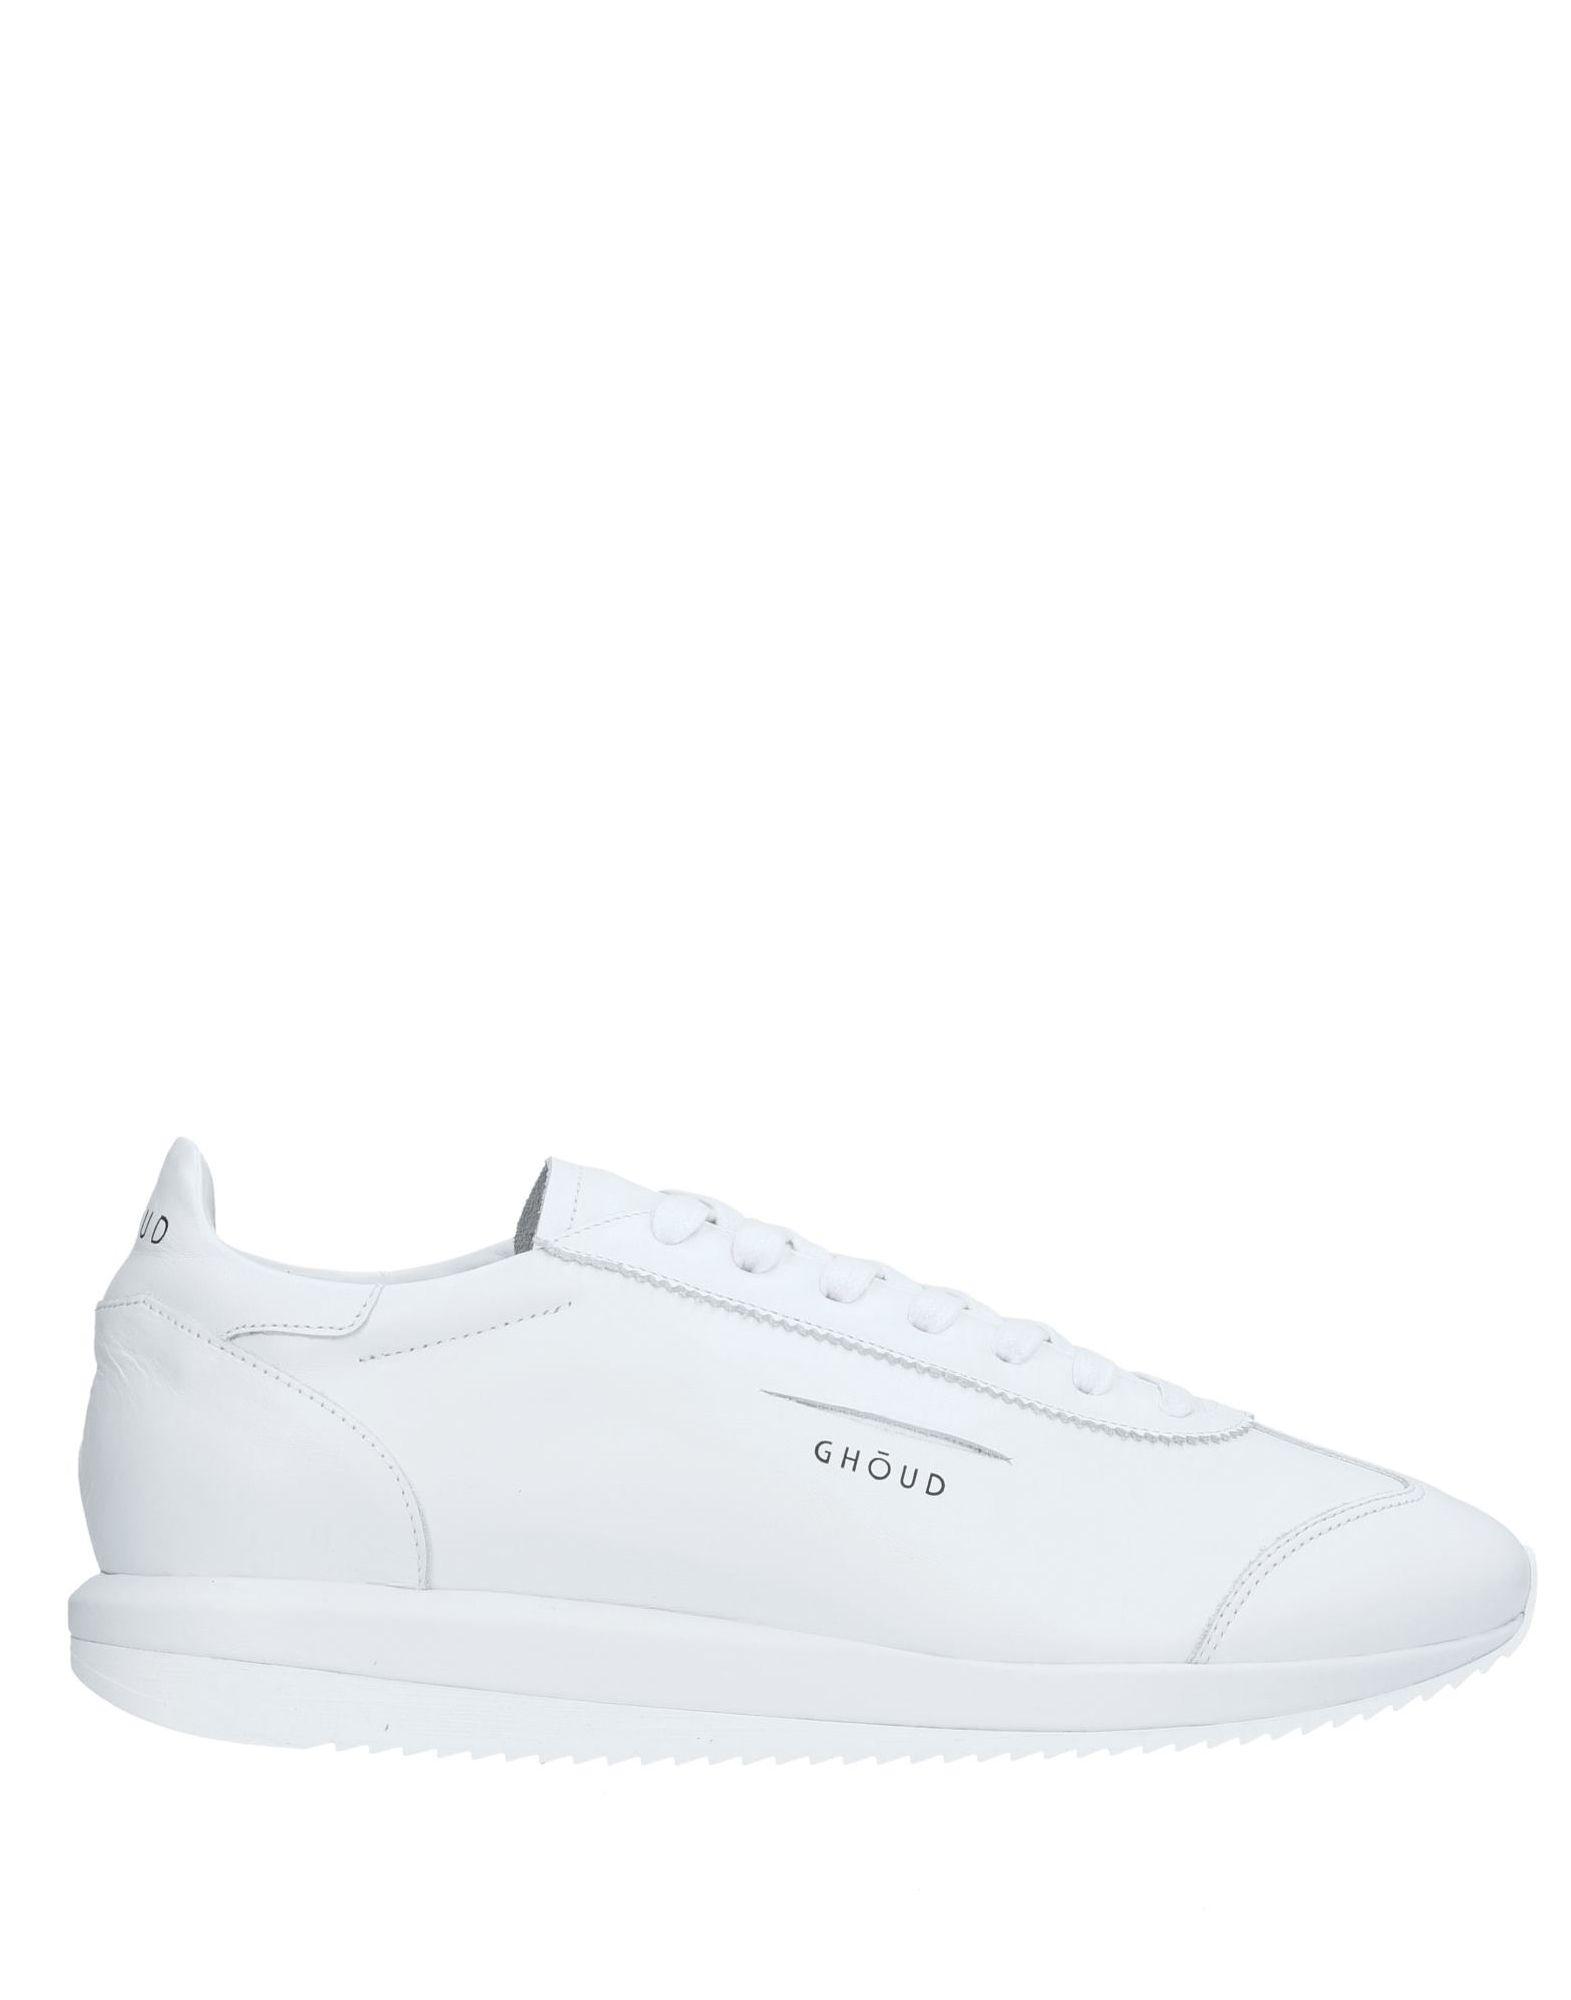 Sneakers Ghōud Venice Homme - Sneakers Ghōud Venice  Blanc Dédouanement saisonnier